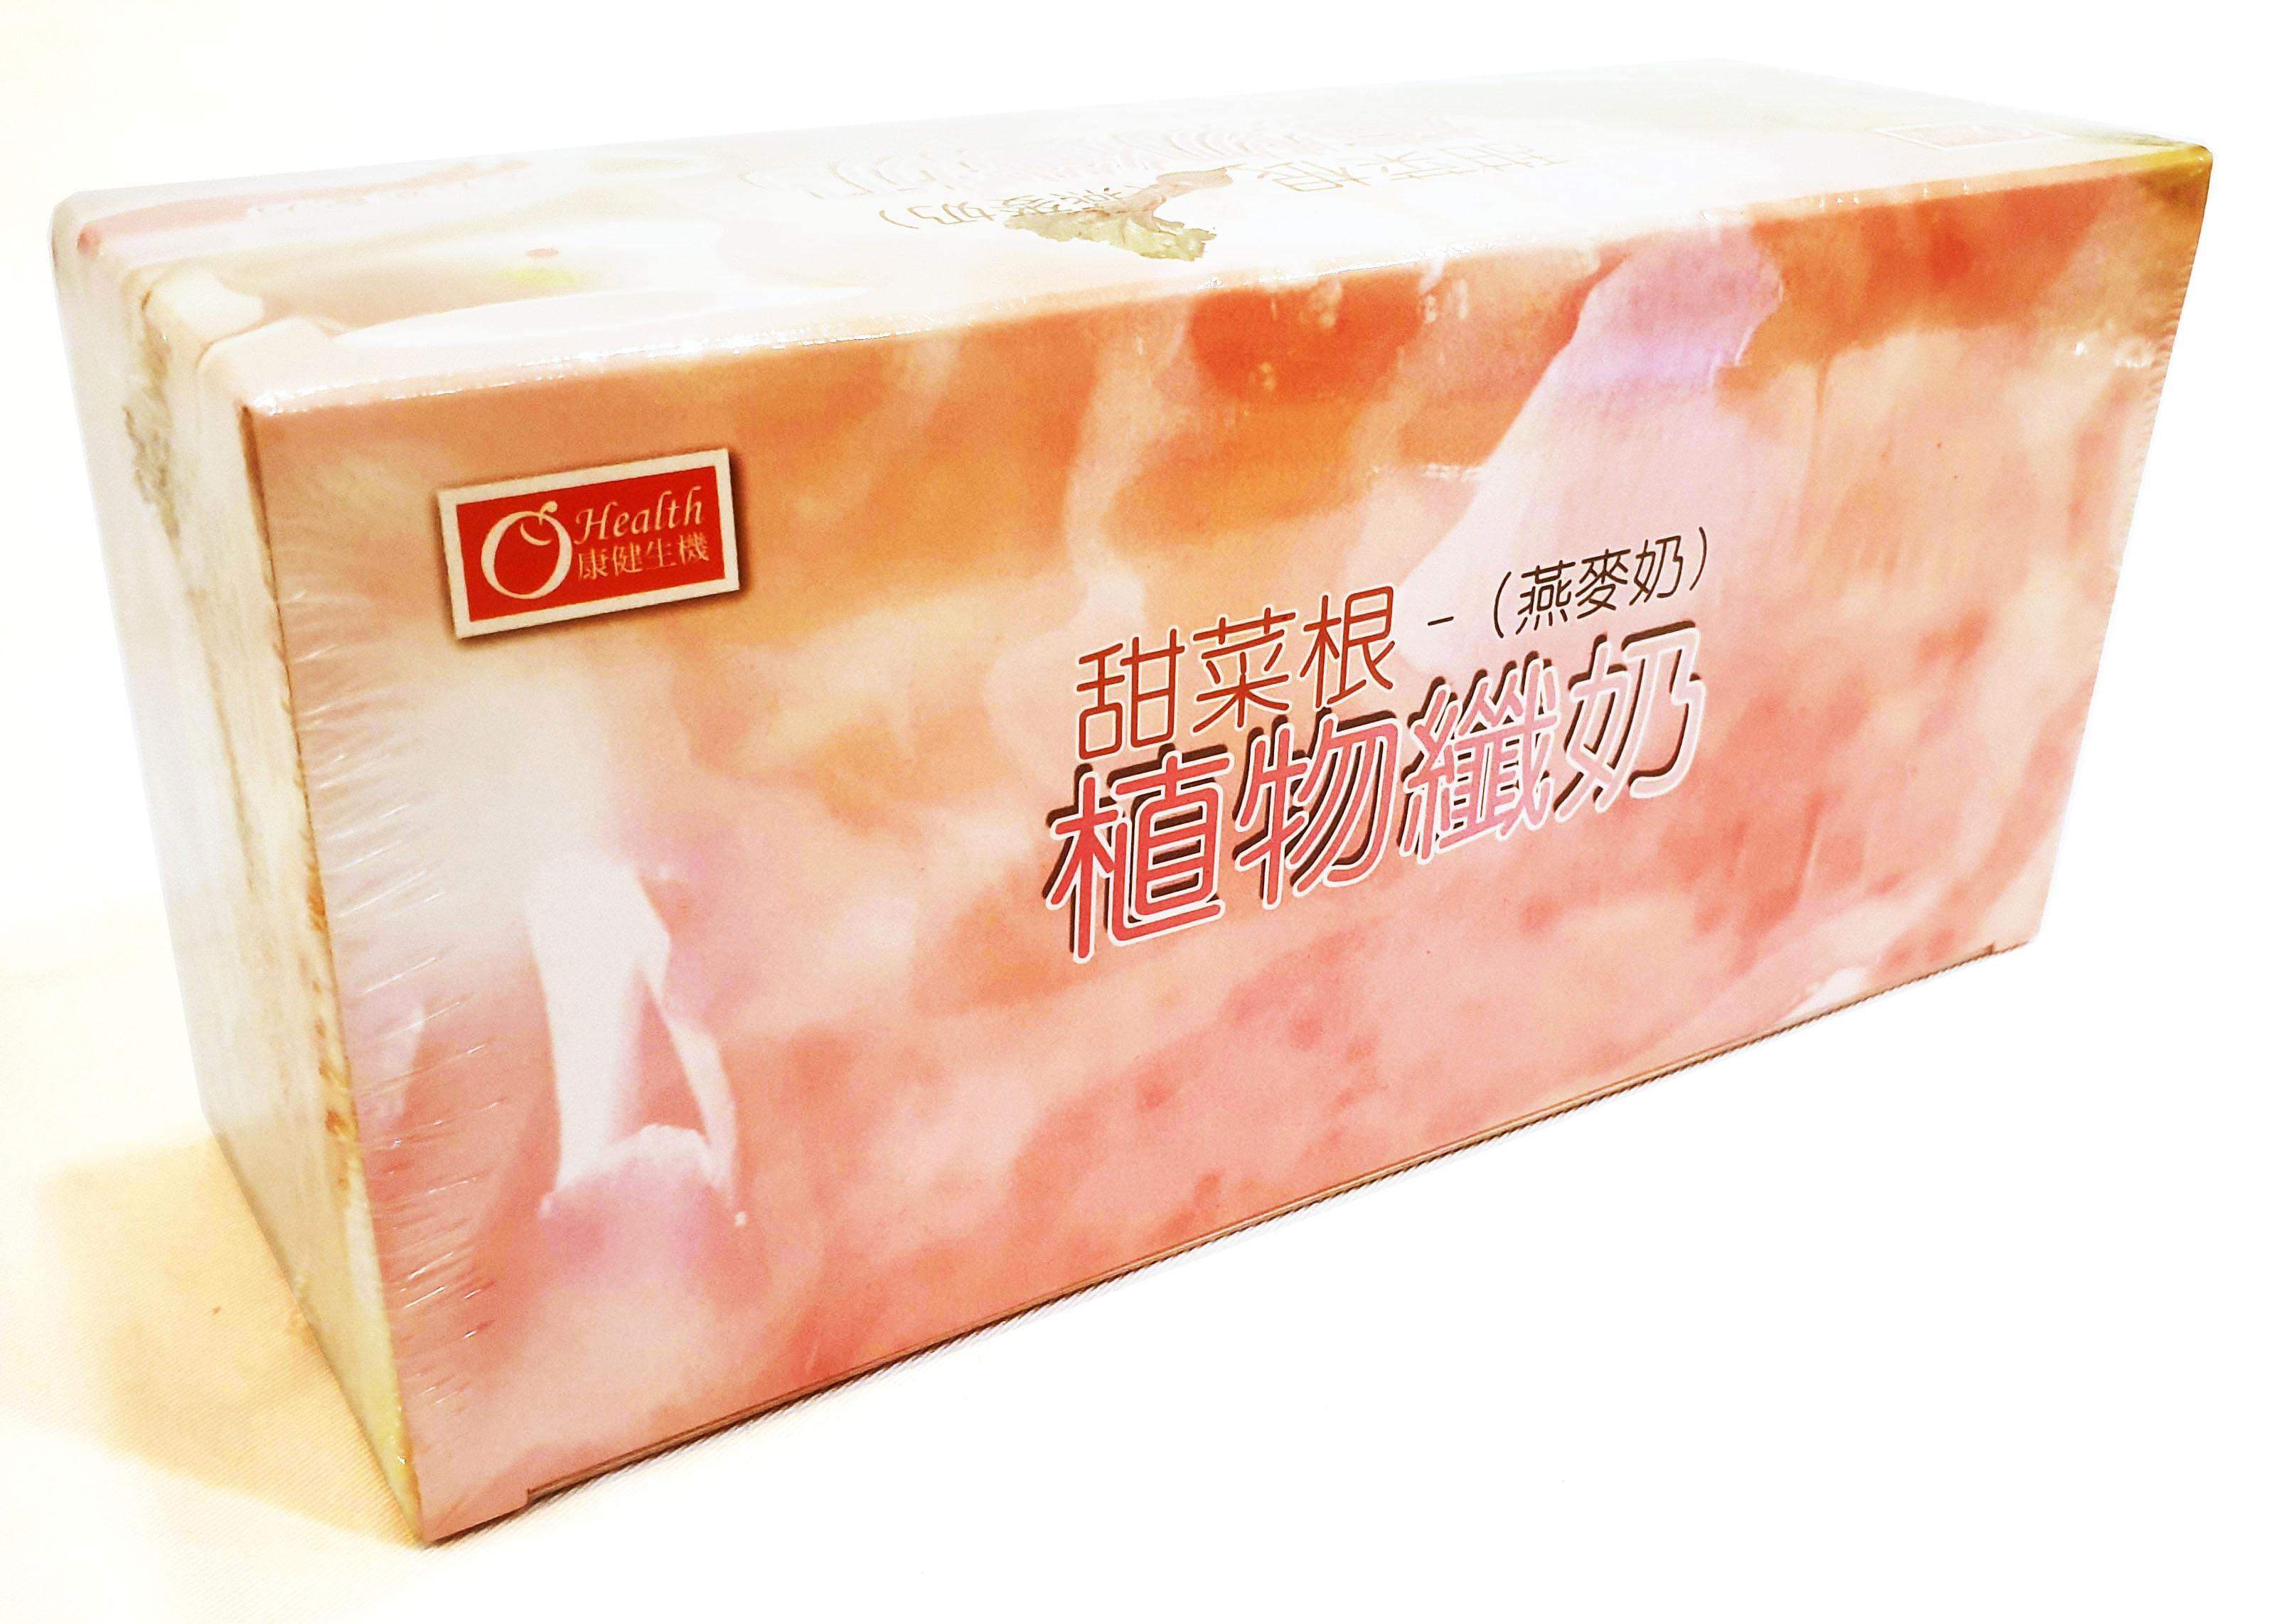 康健生機 甜菜根植物纖奶 30公克/包X20包/盒 (台灣製造)